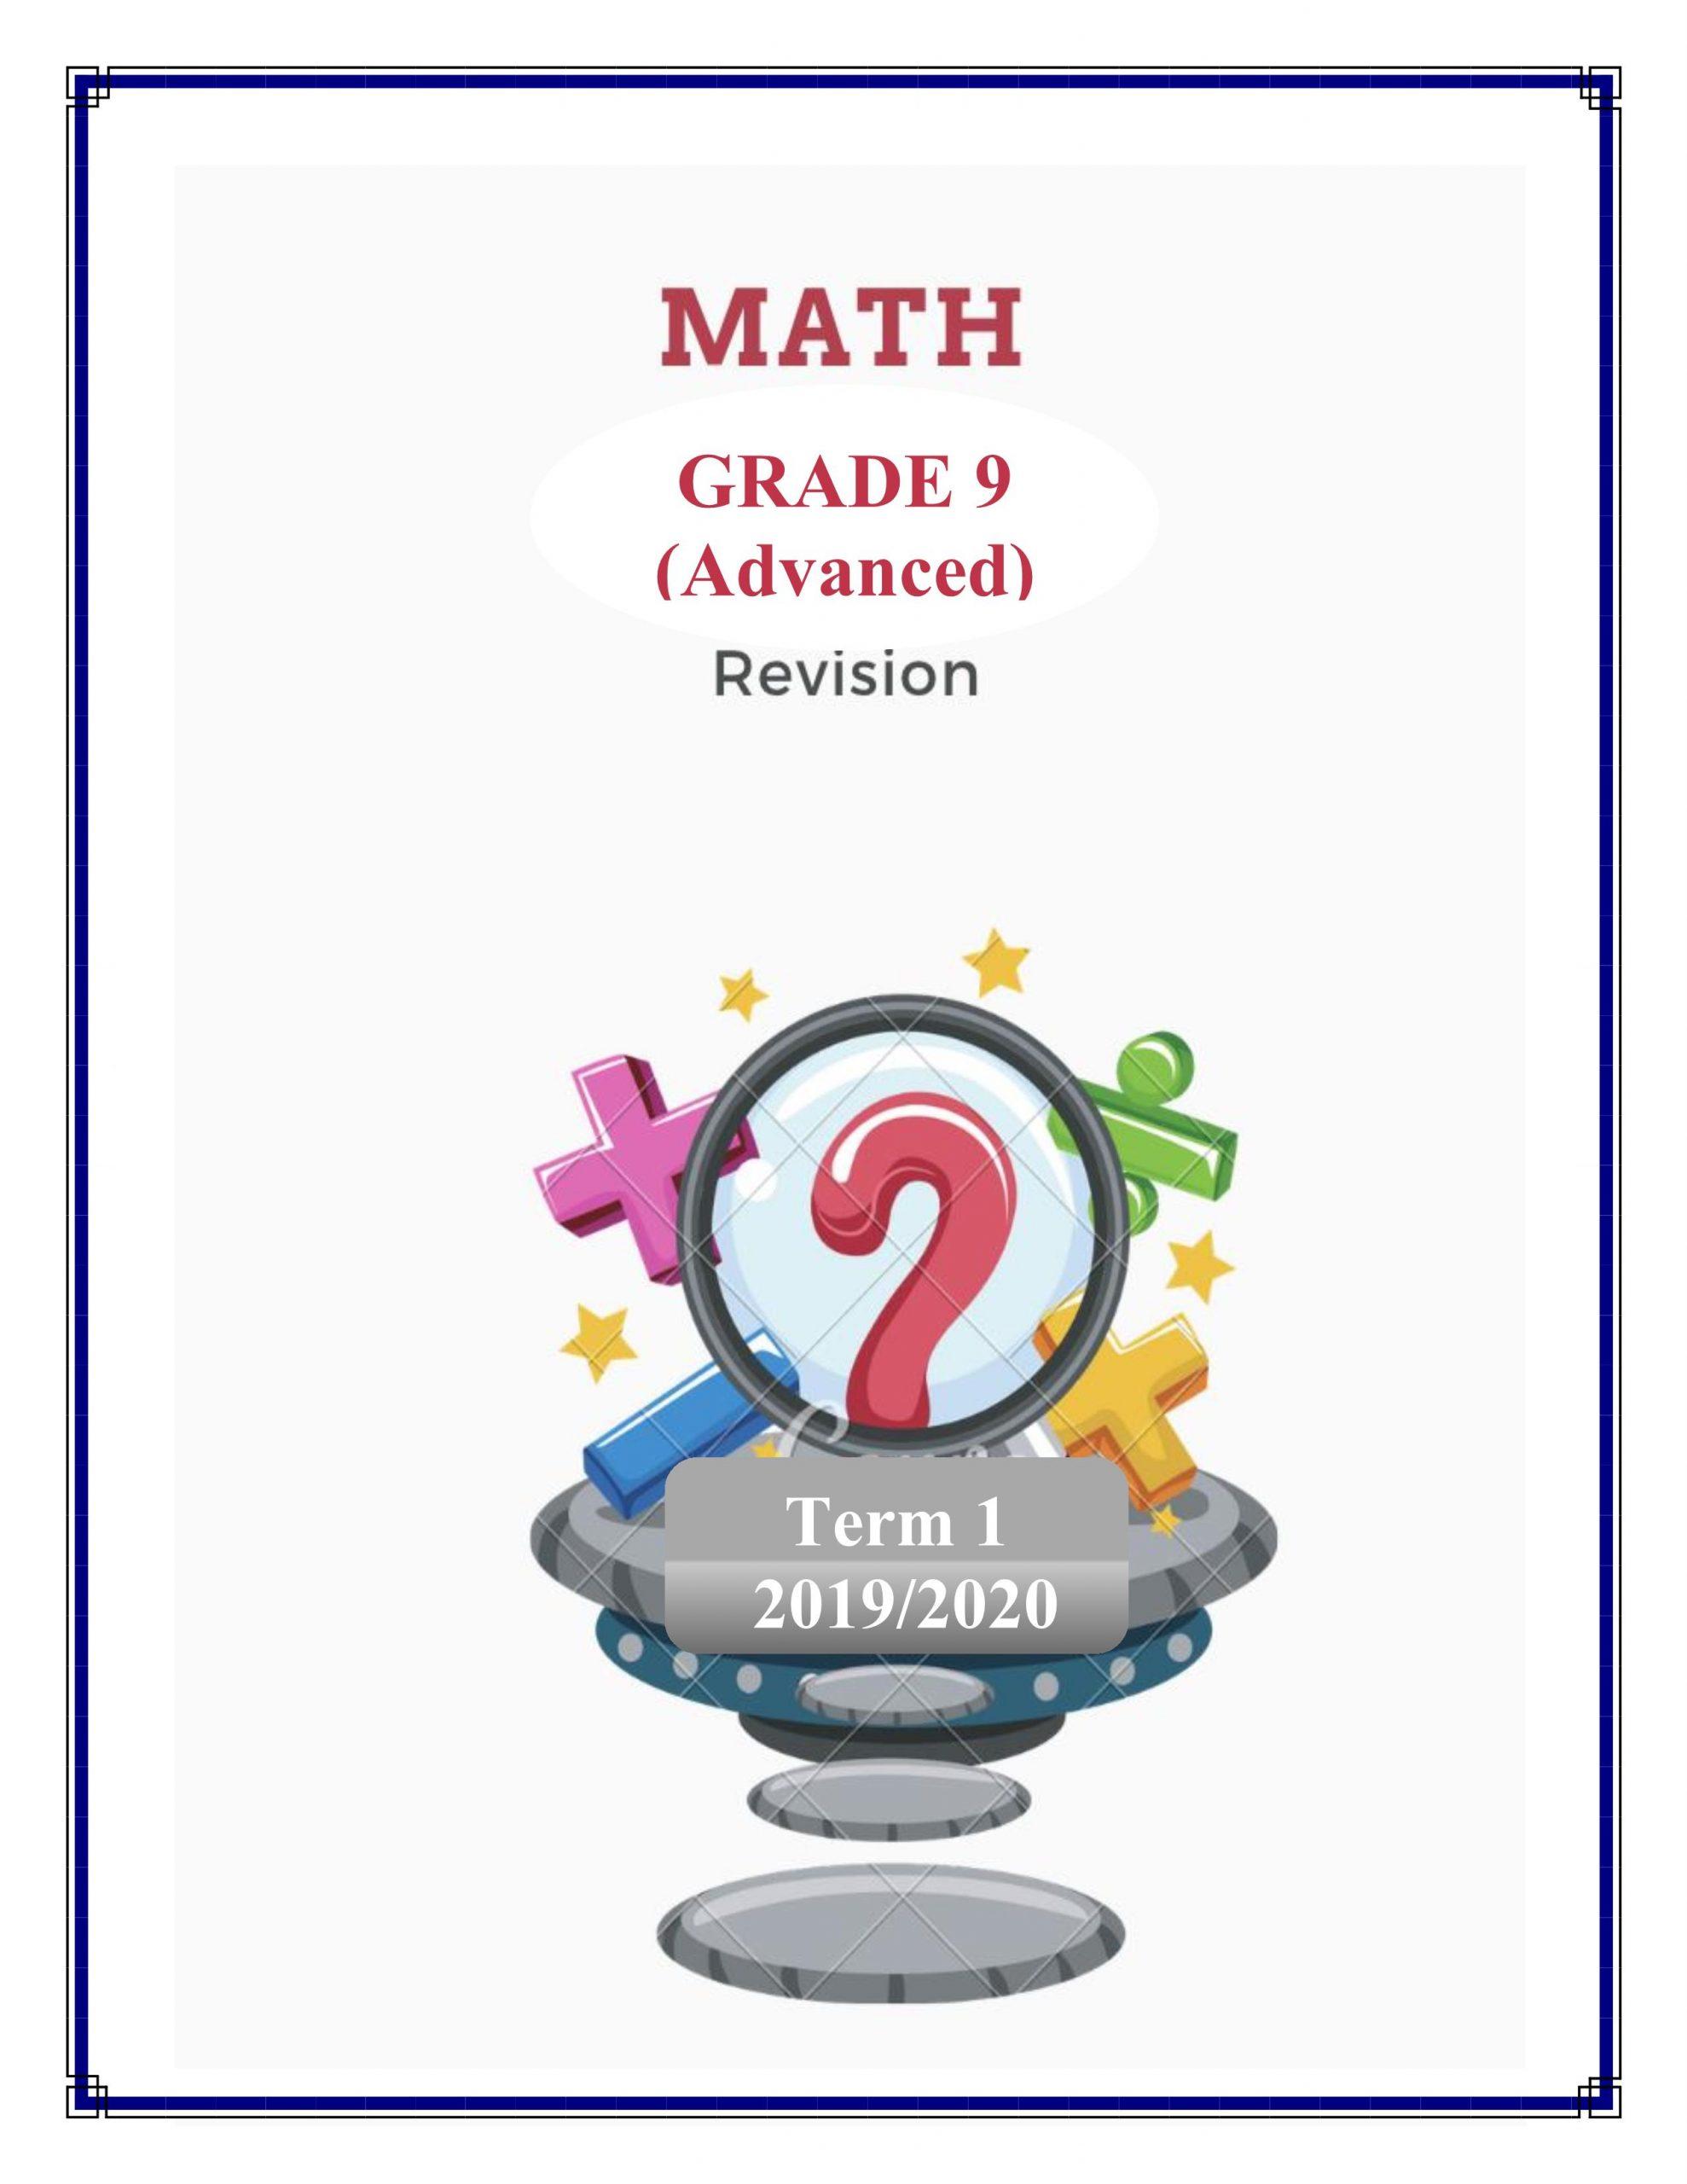 حل اوراق عمل مراجعة بالانجليزي الصف التاسع متقدم مادة الرياضيات المتكاملة